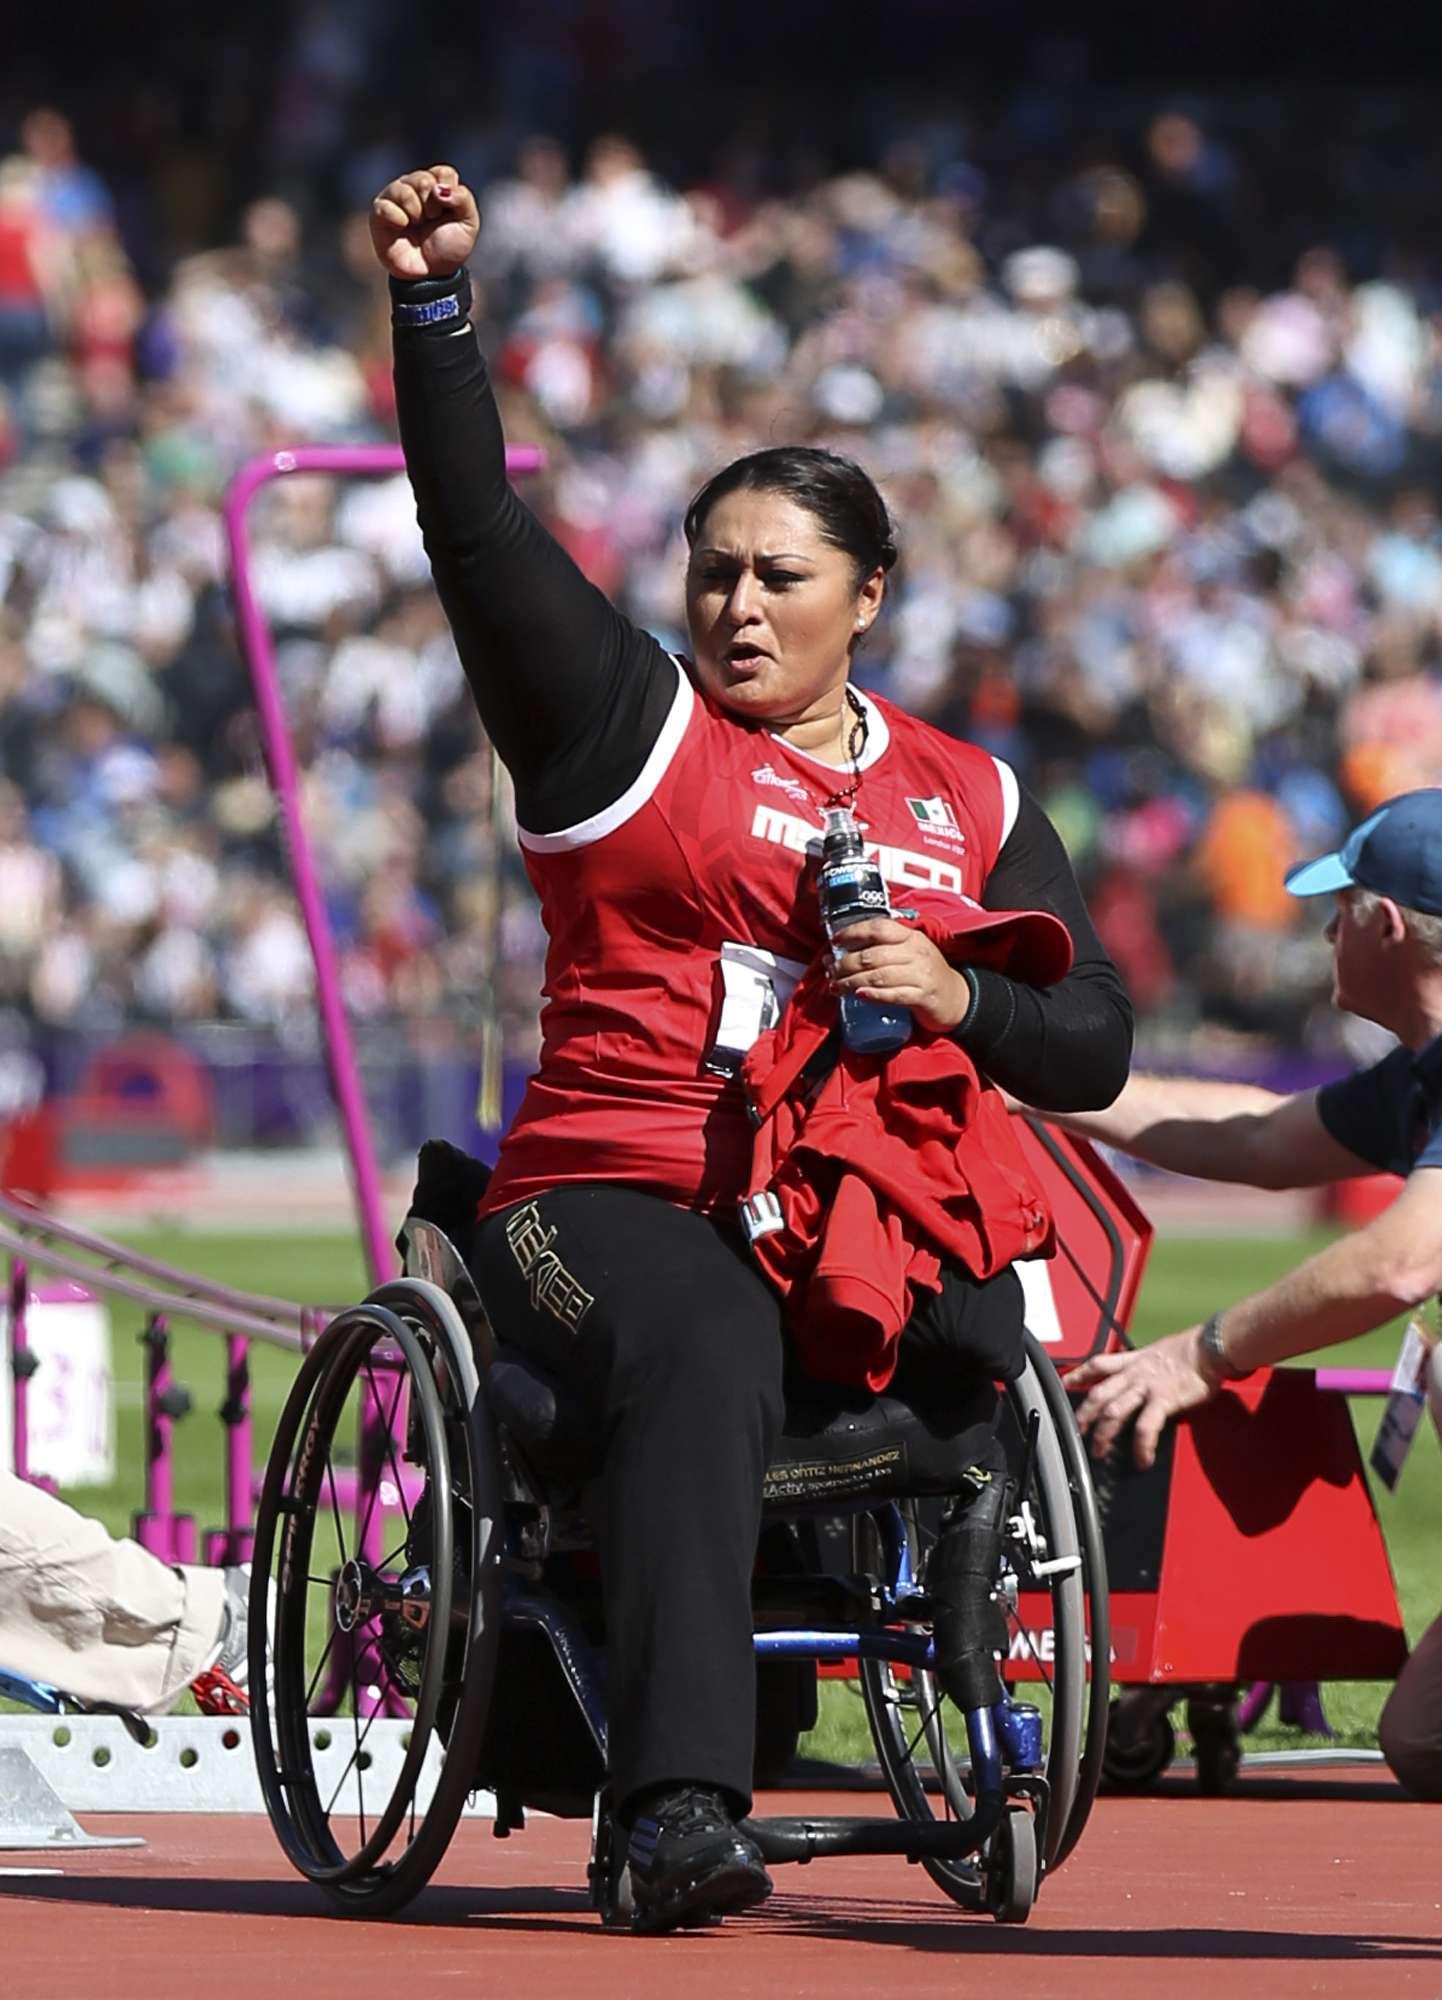 Con récord mundial, mexicana gana oro en lanzamiento de peso